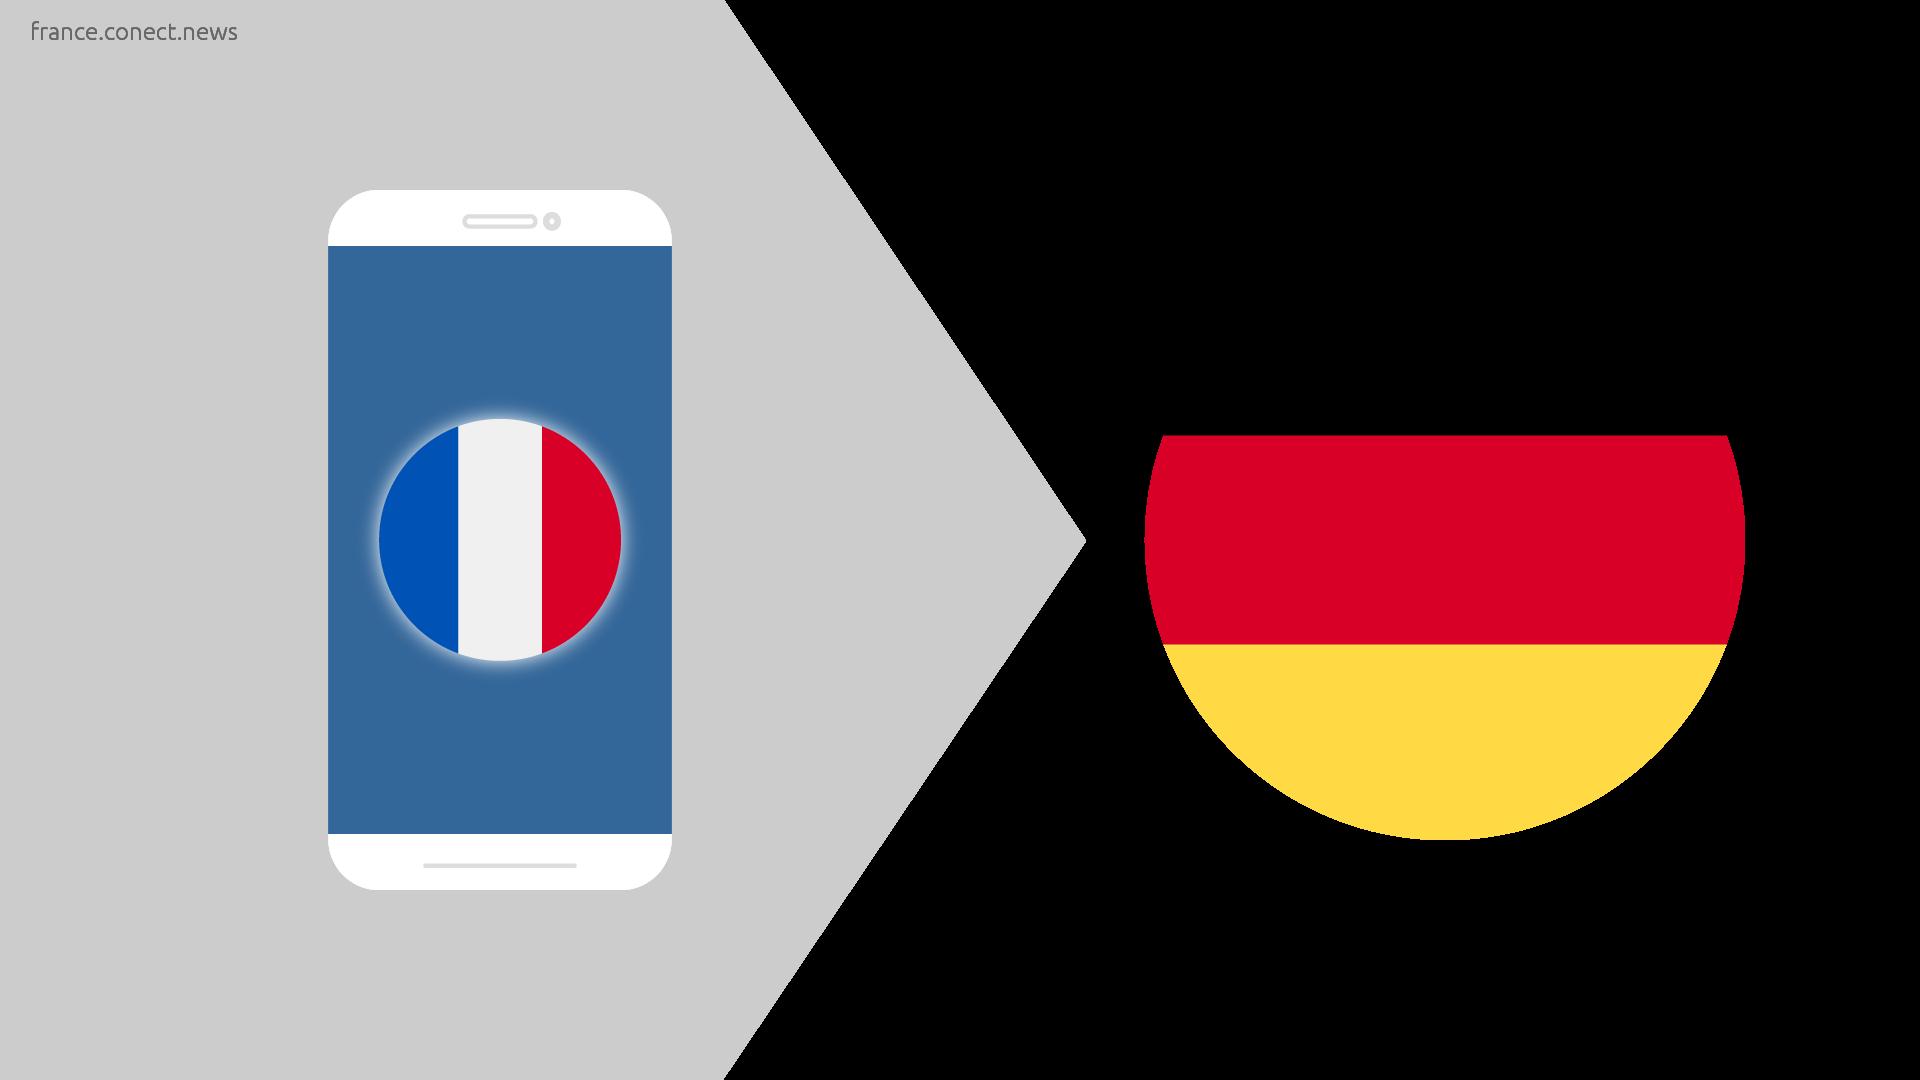 Frankreich-deutschland @conect_news